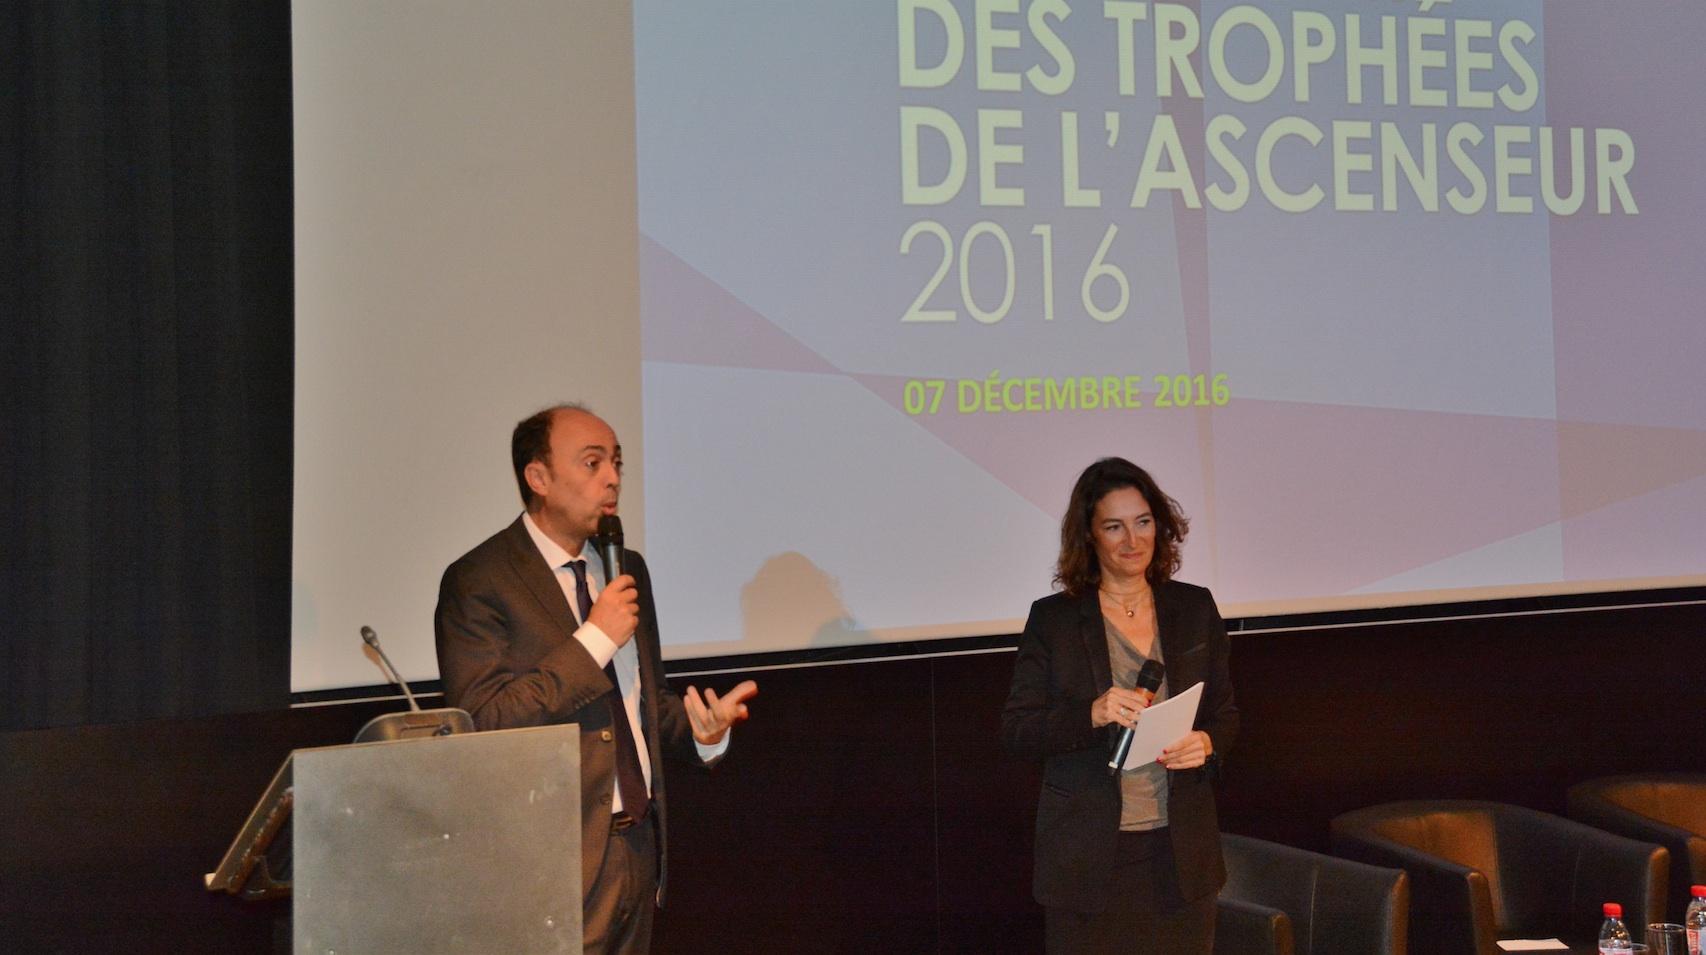 Pierre Hardouin, Président de la Fédération des Ascenseurs et Natacha Fellous, journaliste-animatrice de la cérémonie